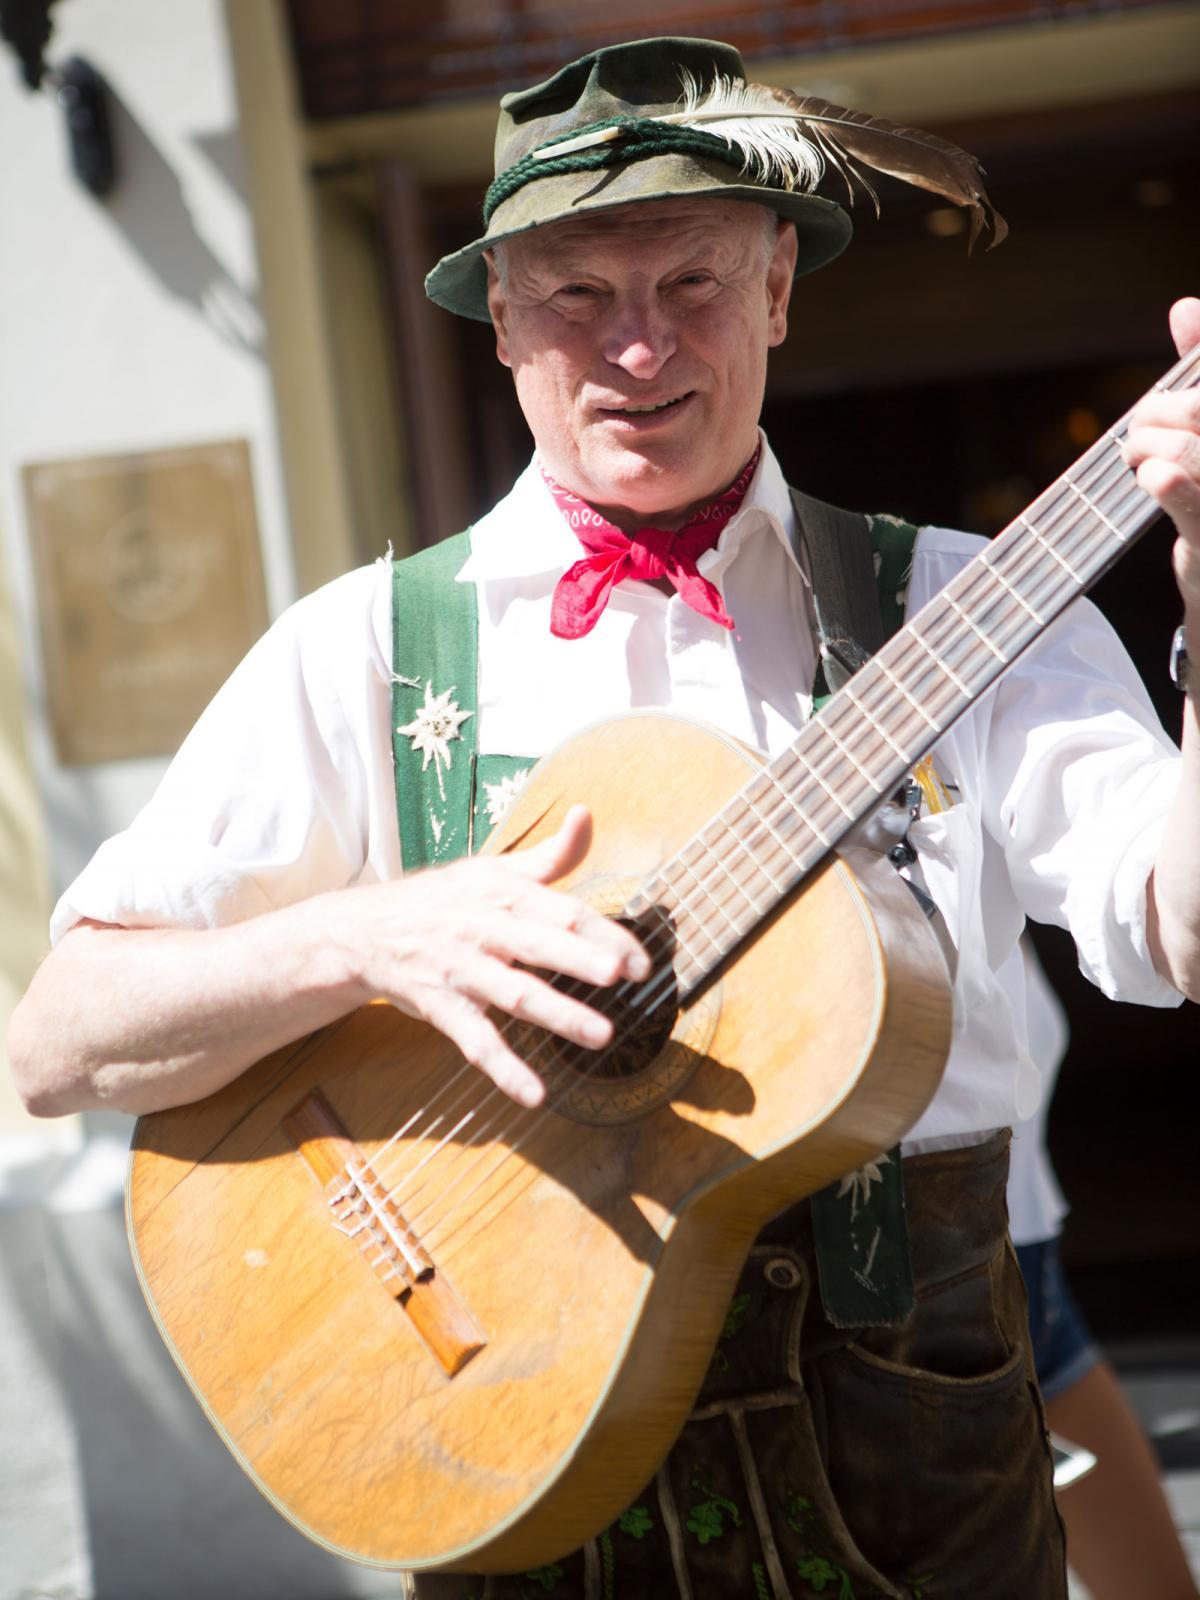 Musiken är ständigt närvarande i staden. På restauranger och barer finns ofta möjlighet att höra levande musik.